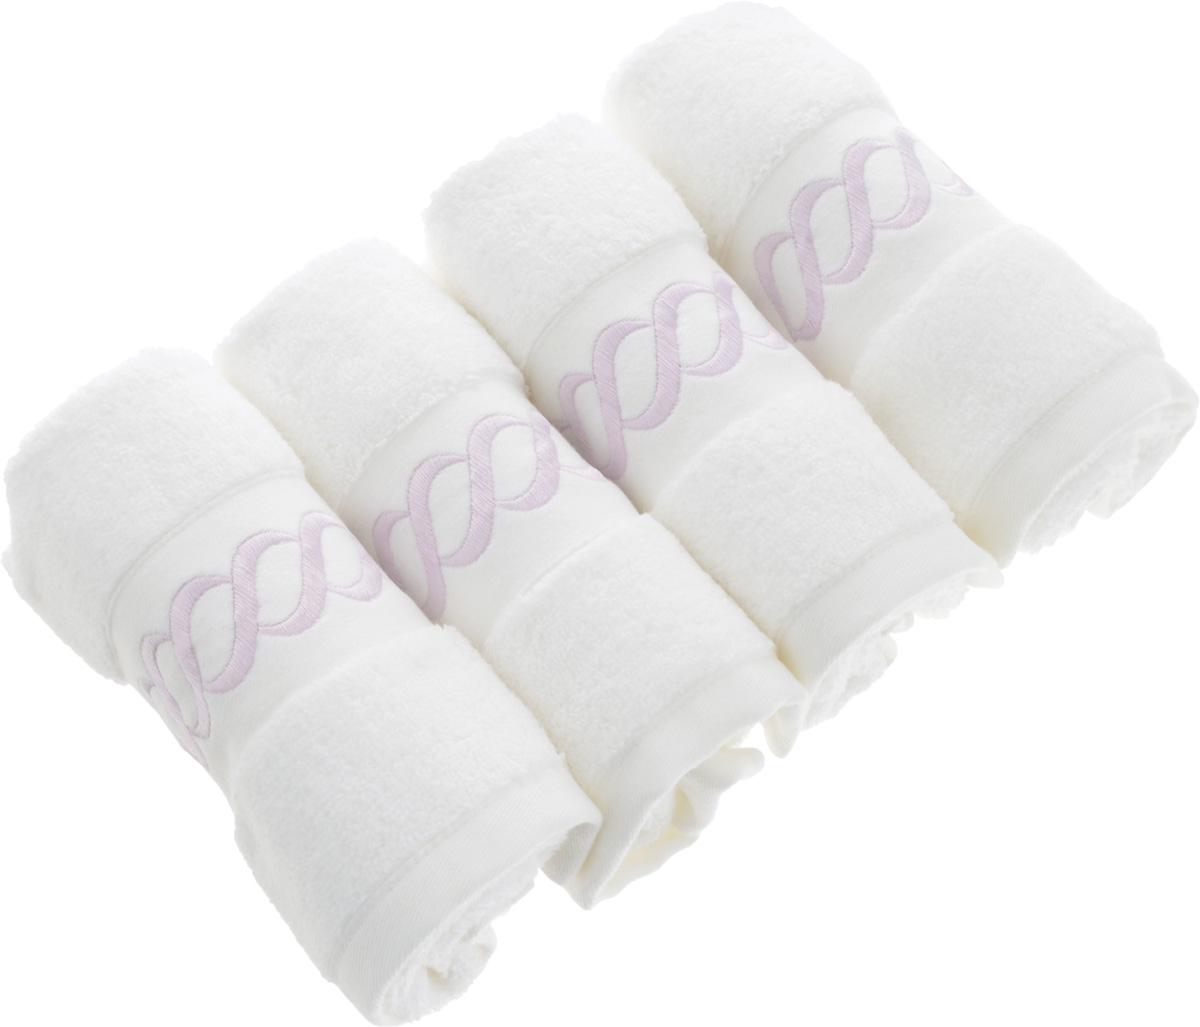 Набор махровых полотенец Issimo Home Pauline, цвет: белый, лиловый, 30 x 50 см, 4 шт4735Набор полотенец Issimo Home Pauline выполнен из натуральной махровой ткани (100% хлопок). Изделия отлично впитывают влагу, быстро сохнут и не теряют форму даже после многократных стирок. Рекомендации по уходу: - режим стирки при 40°C, - допускается обычная химчистка, - отбеливание запрещено, - глажка при температуре подошвы утюга до 110°С, - барабанный отжим запрещен. Размер полотенца: 30 x 50 см.